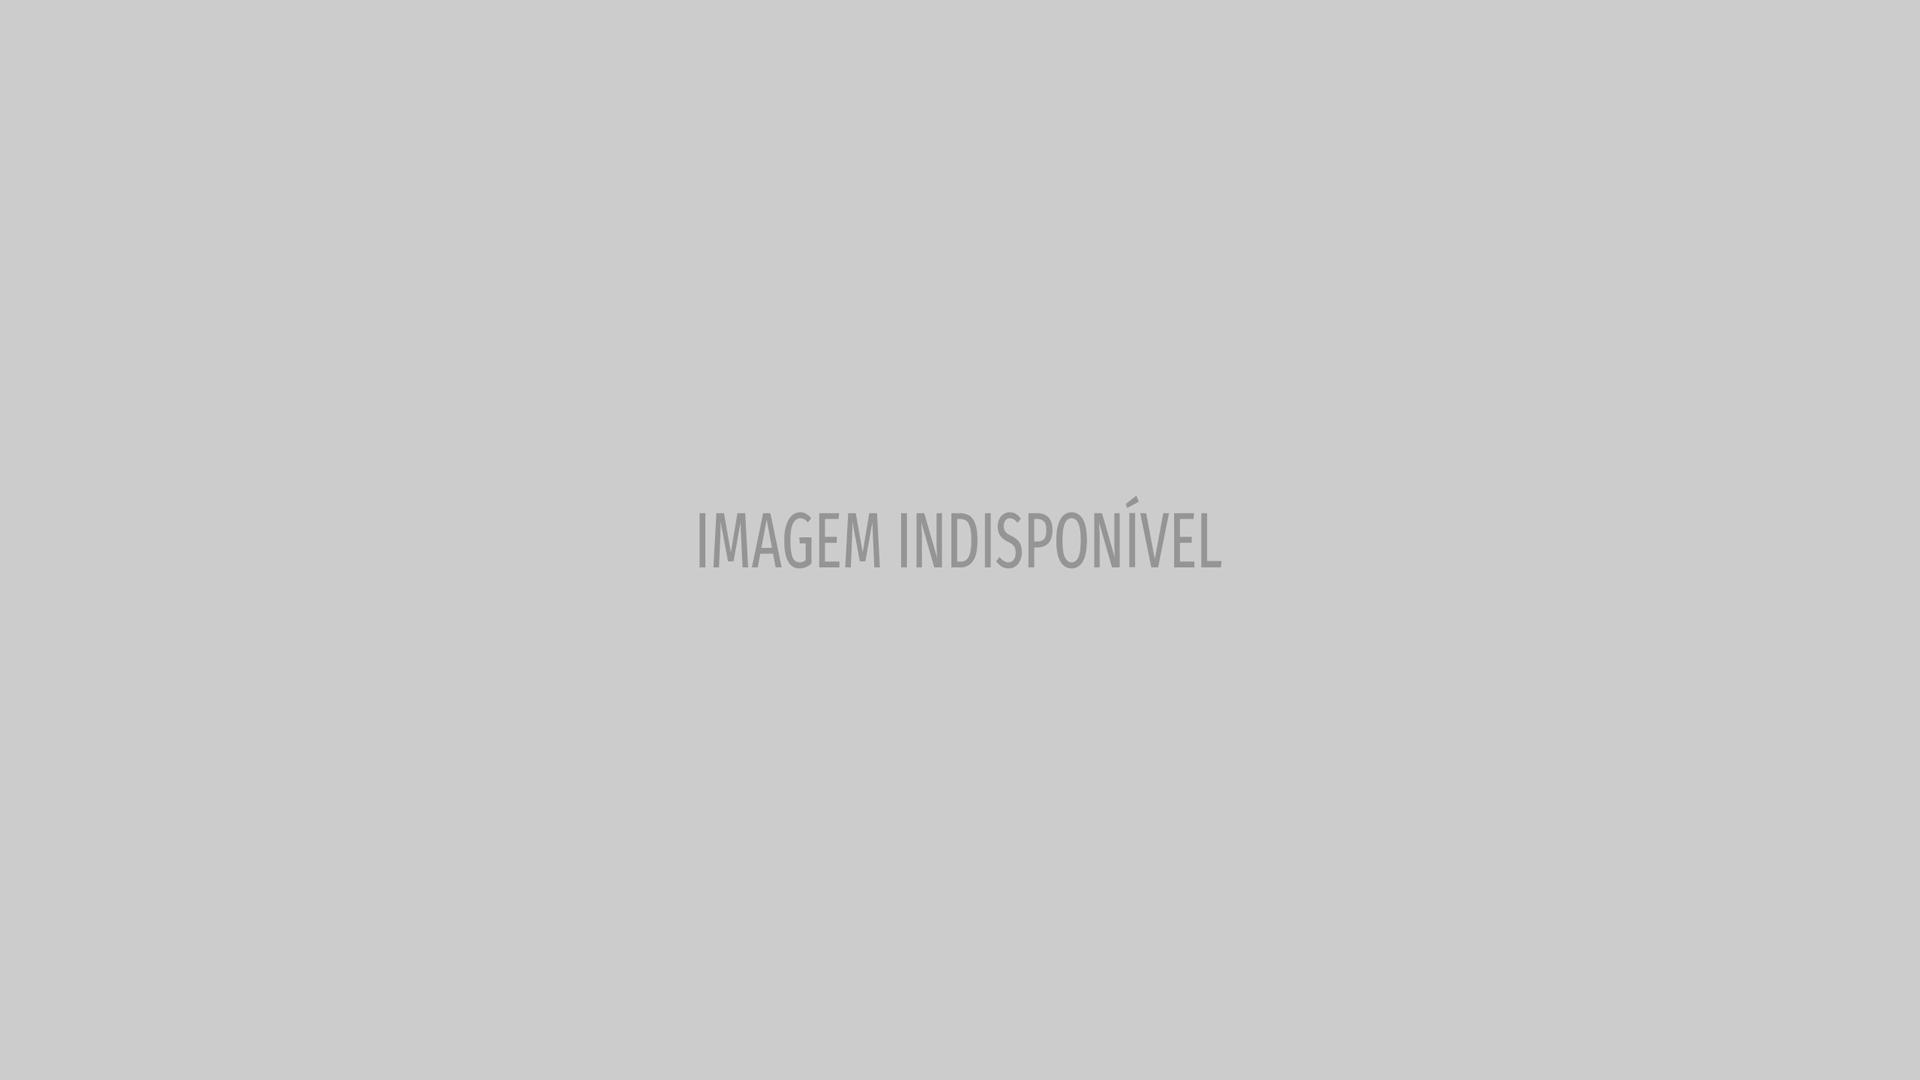 Palocci diz ter feito entregas de dinheiro vivo pessoalmente a Lula